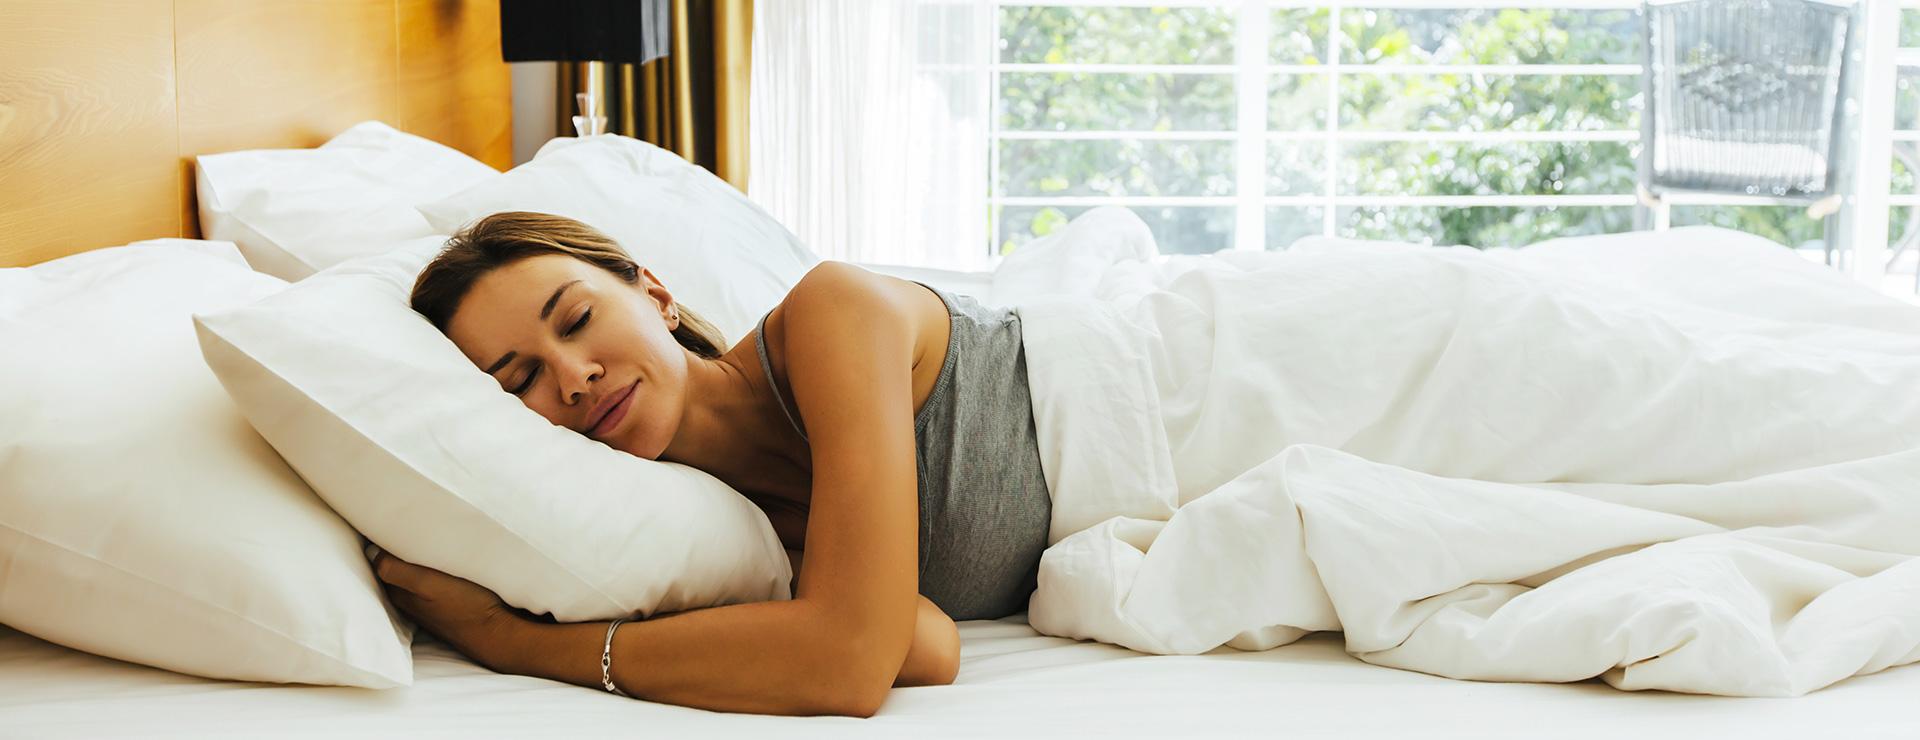 Dormir-sur-le-cote